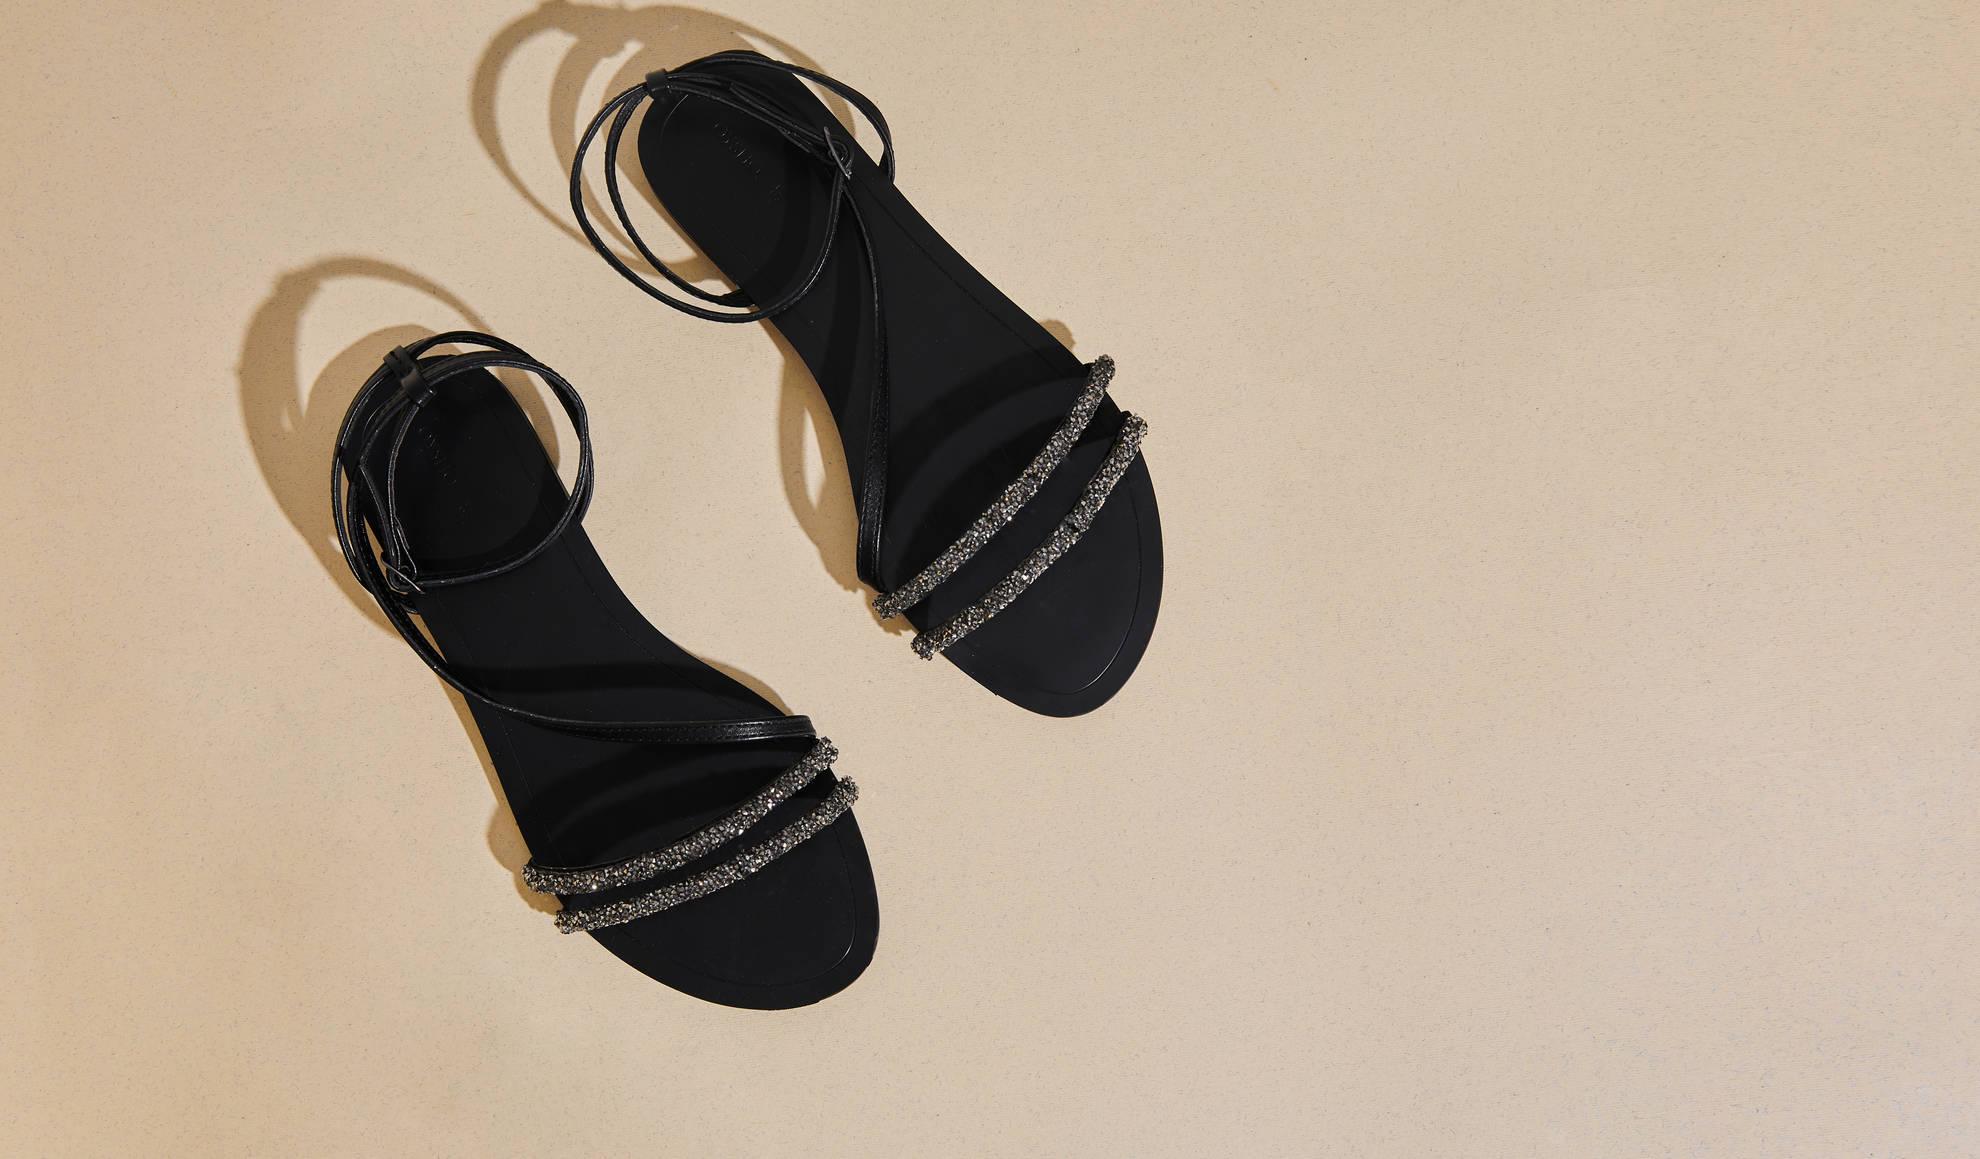 671af7830 Footwear - Swimwear and beachwear | OYSHO United Kingdom